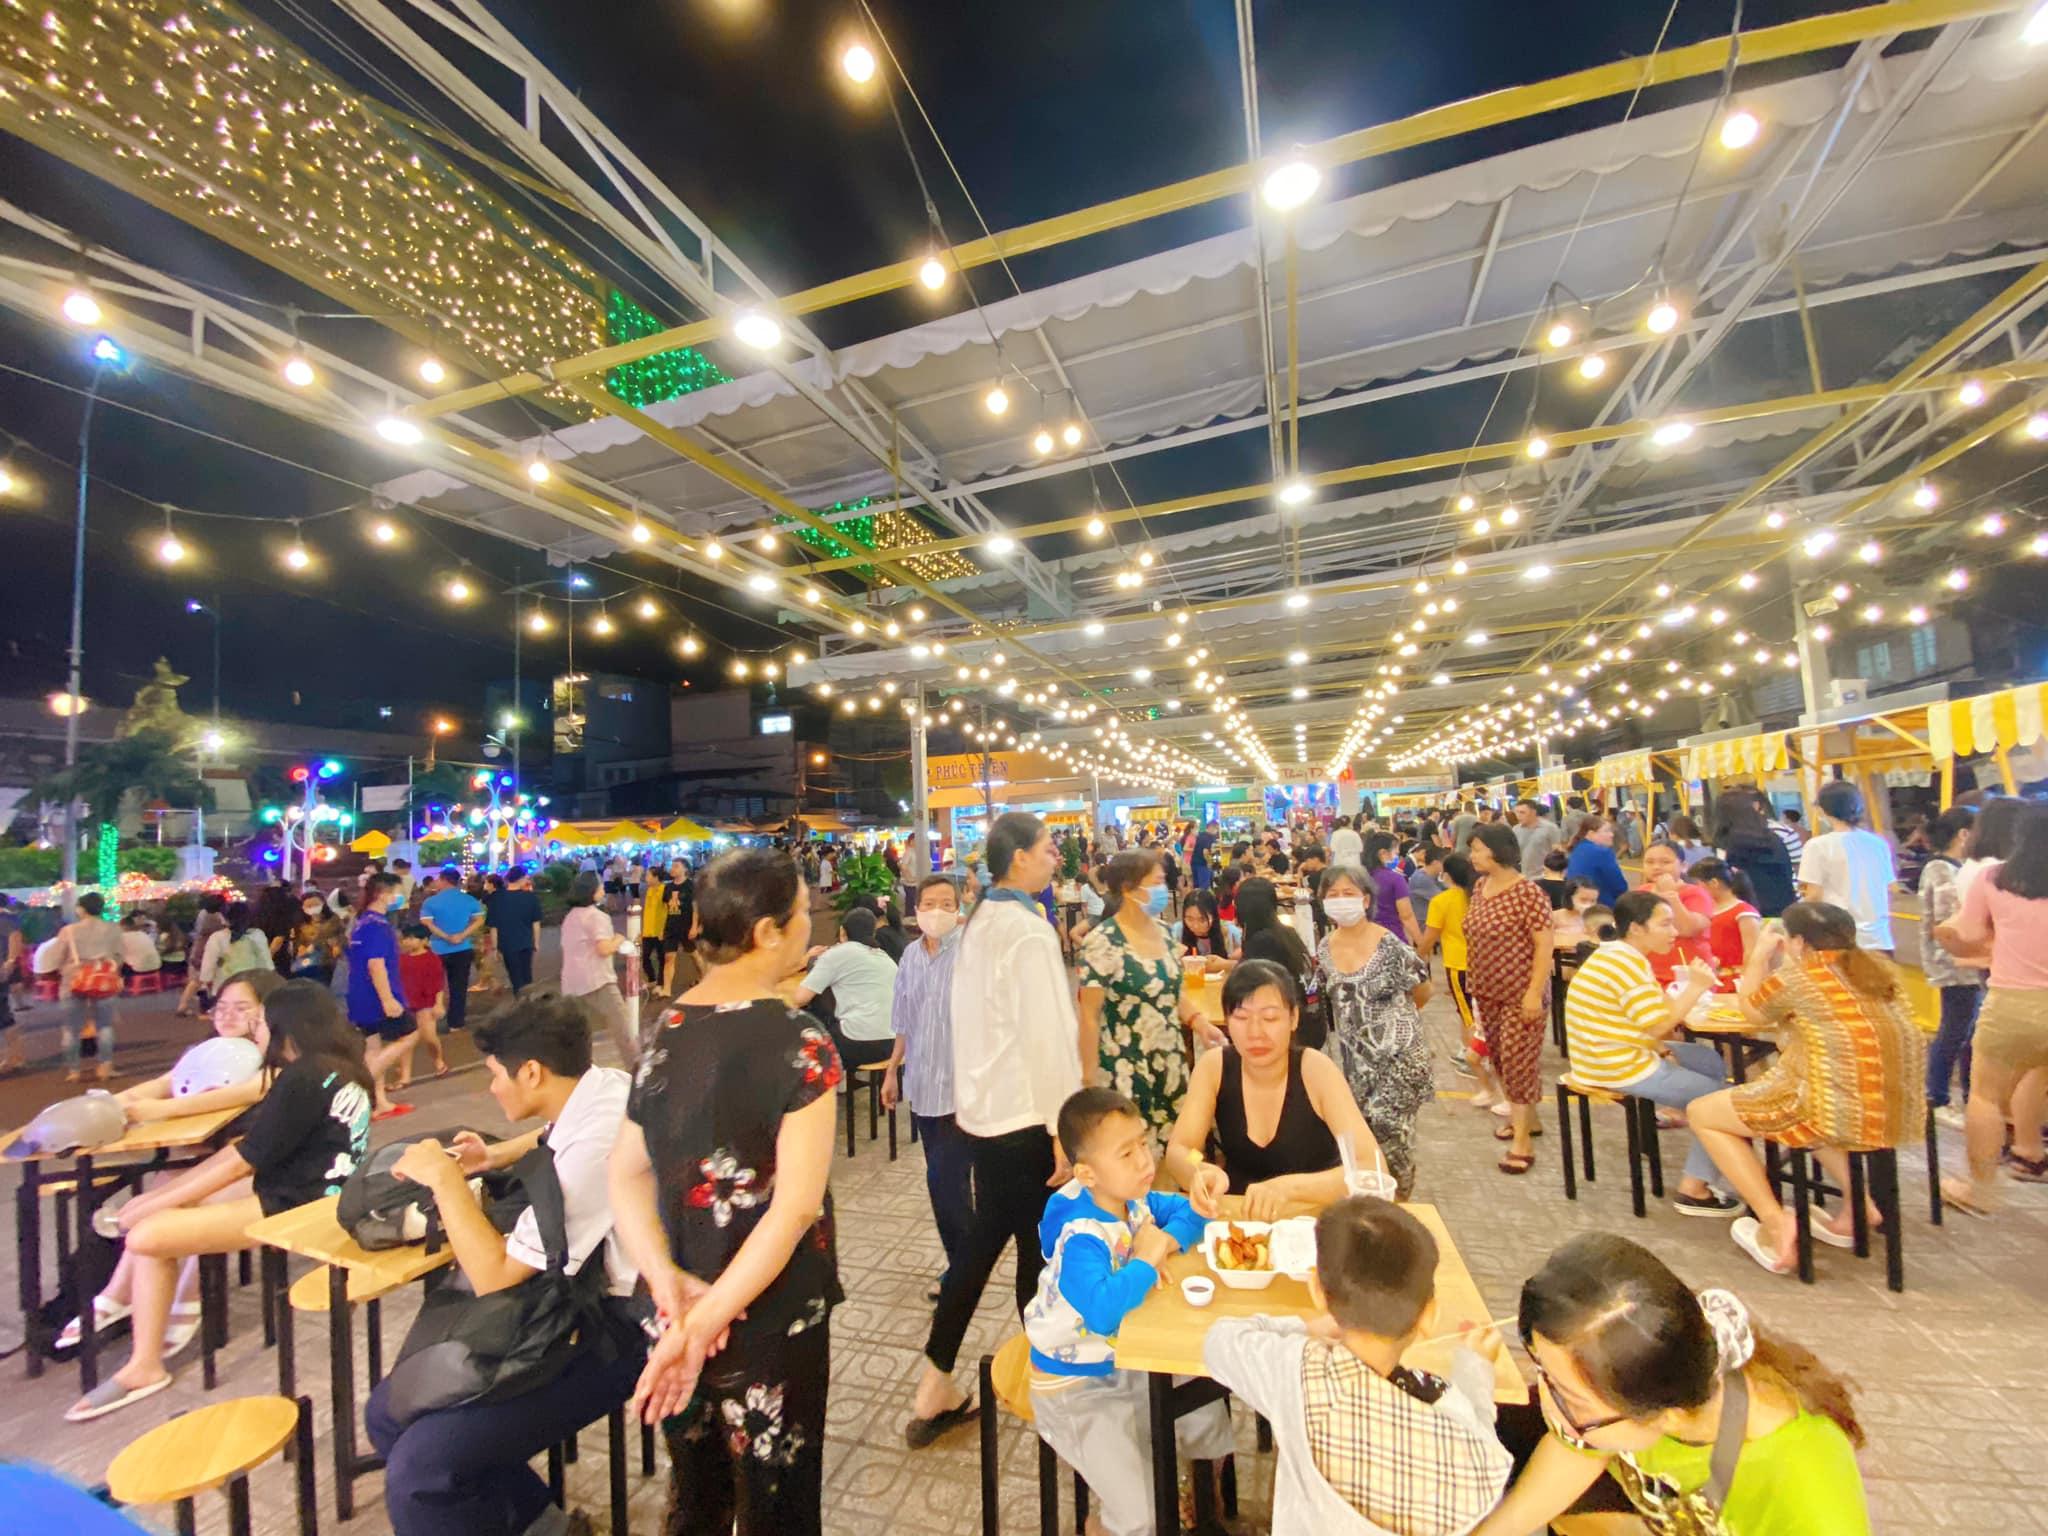 Khám phá những sự kiện mừng Tết Dương lịch tại Kỳ đài Quang Trung, phố đi bộ mới xuất hiện ở Sài Gòn - Ảnh 9.